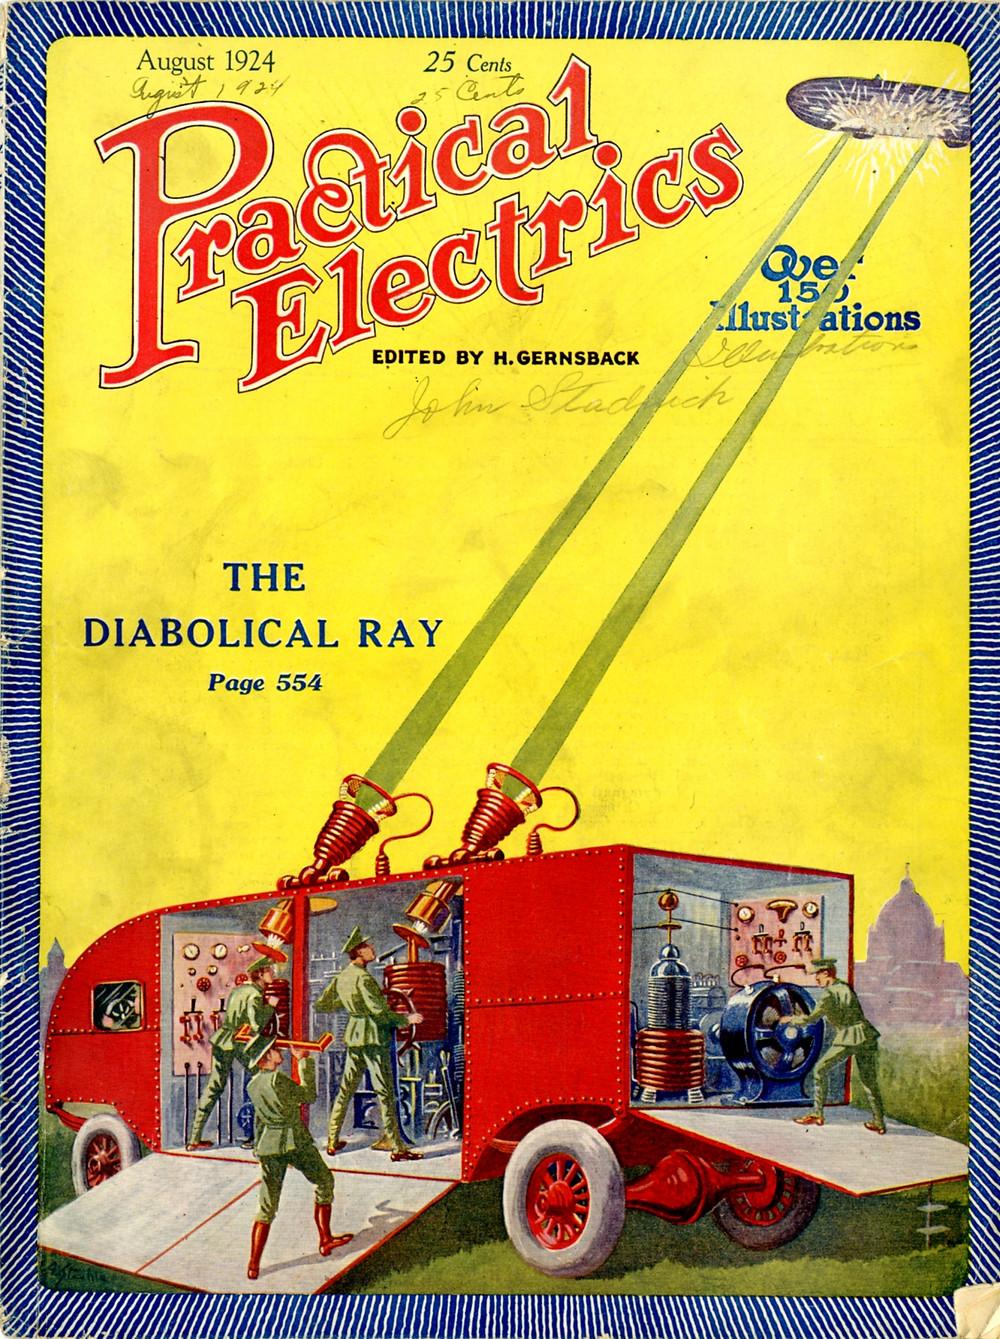 the diabolic ray